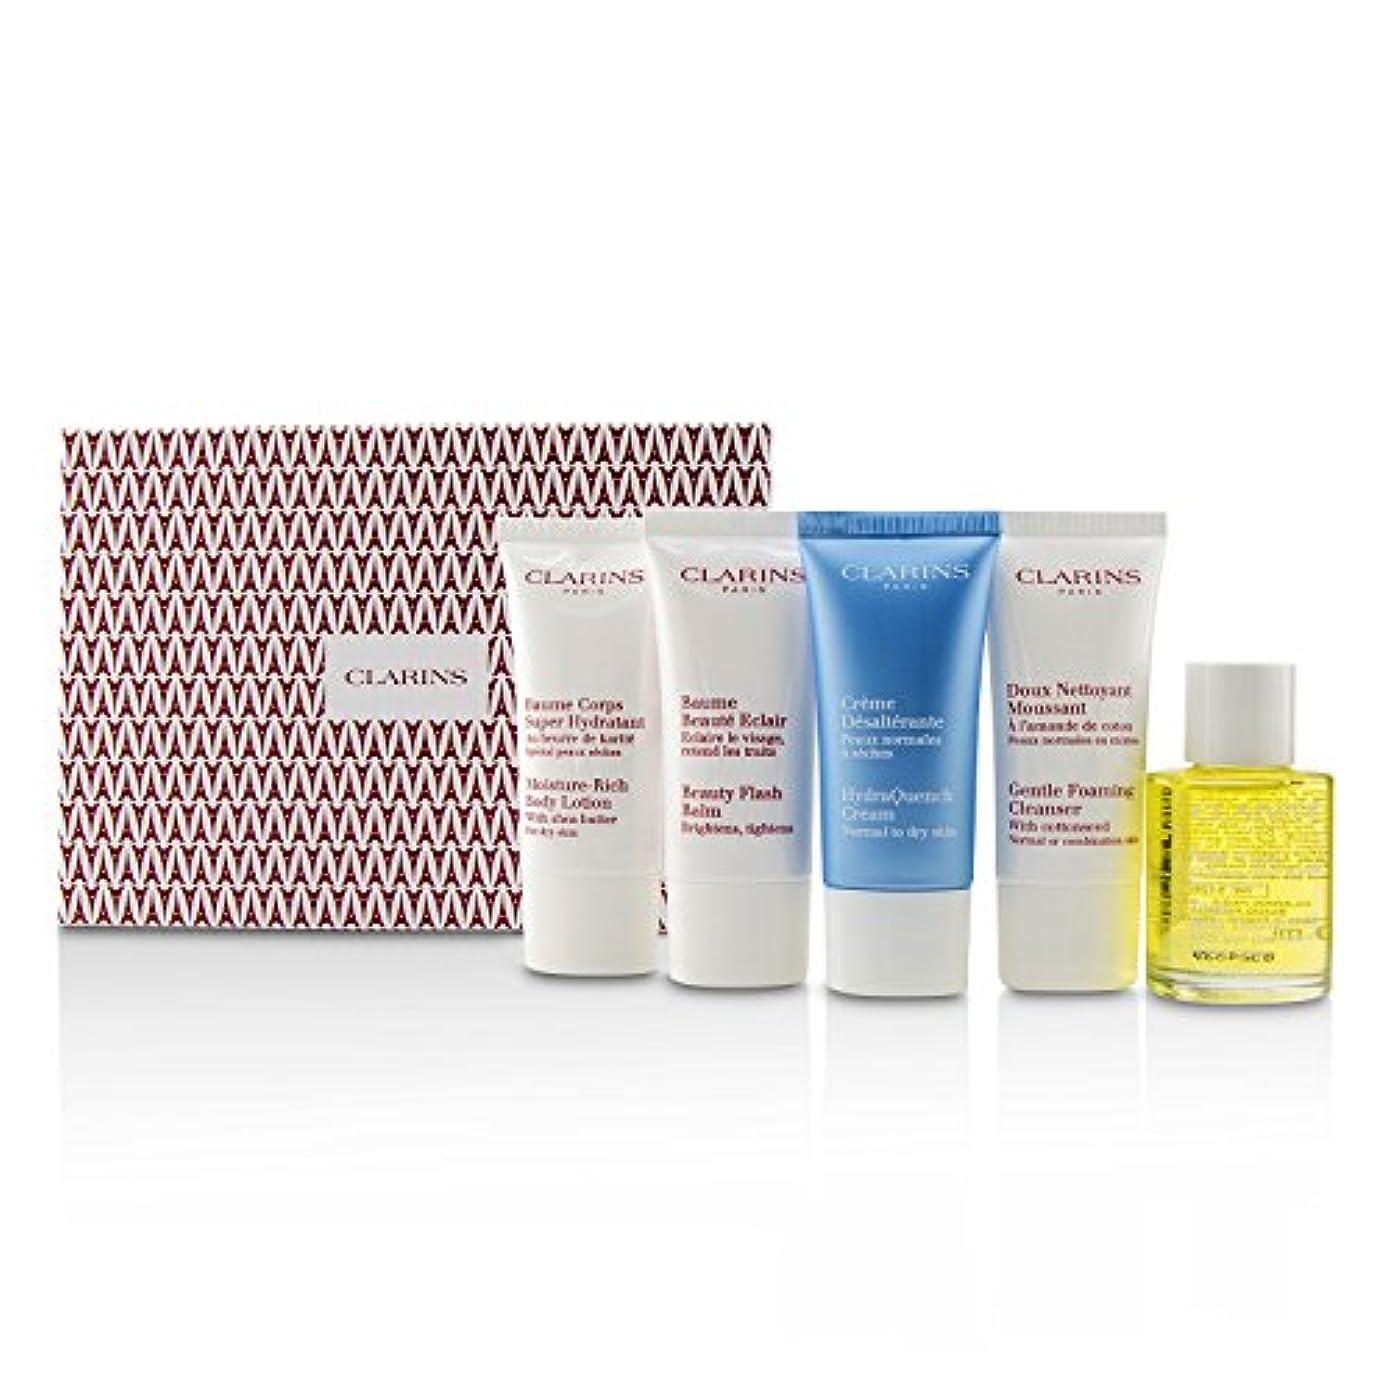 一目登録ベルベットクラランス French Beauty Box: 1x Cleanser 30ml, 1x HydraQuench Cream 30ml, 1x Beauty Flash Balm 30ml, 1x Body Treatment...